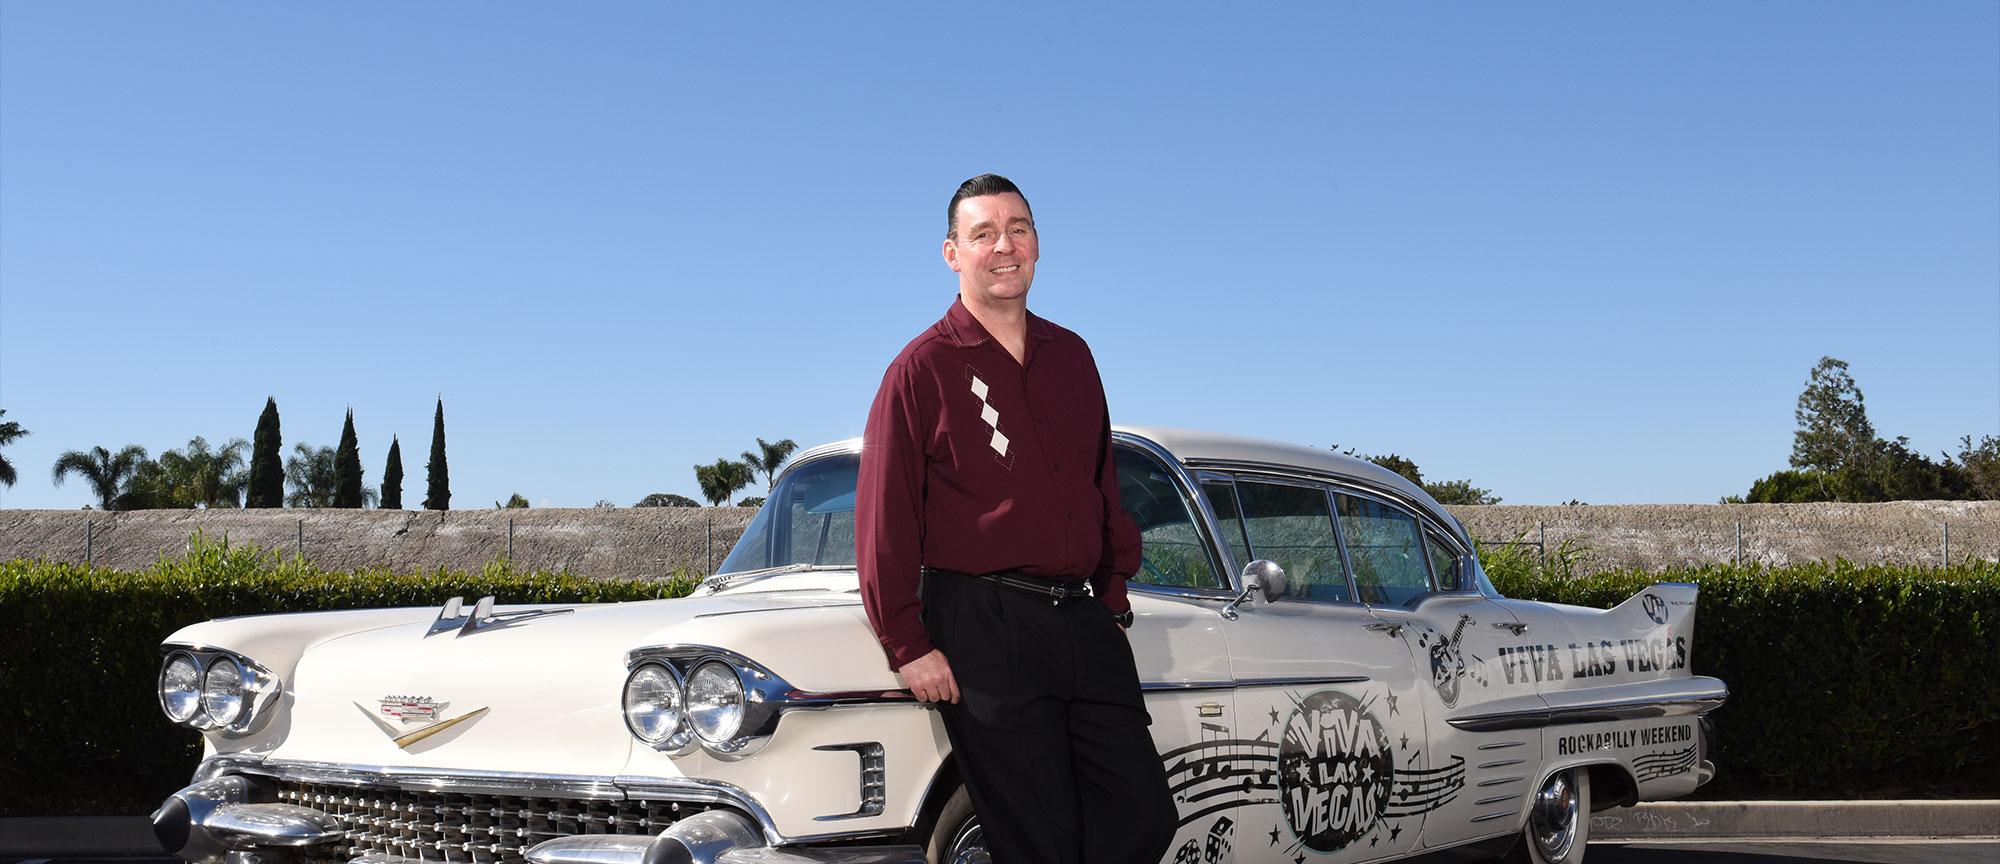 Tom Ingram, Founder and Producer of Viva Las Vegas